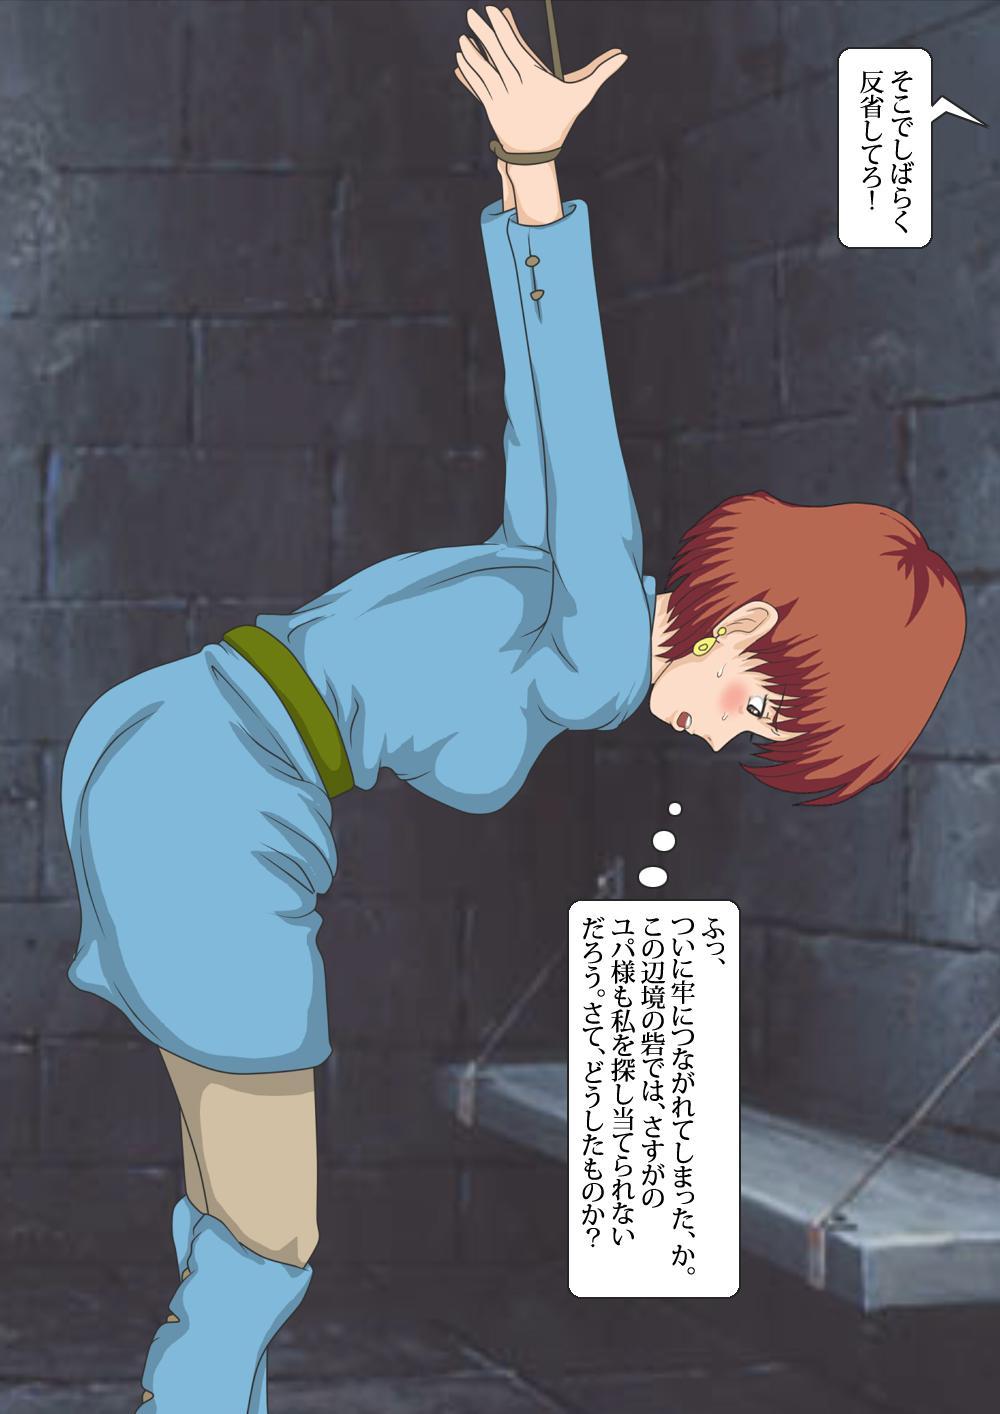 Kaze no Tani no Chikarou 3